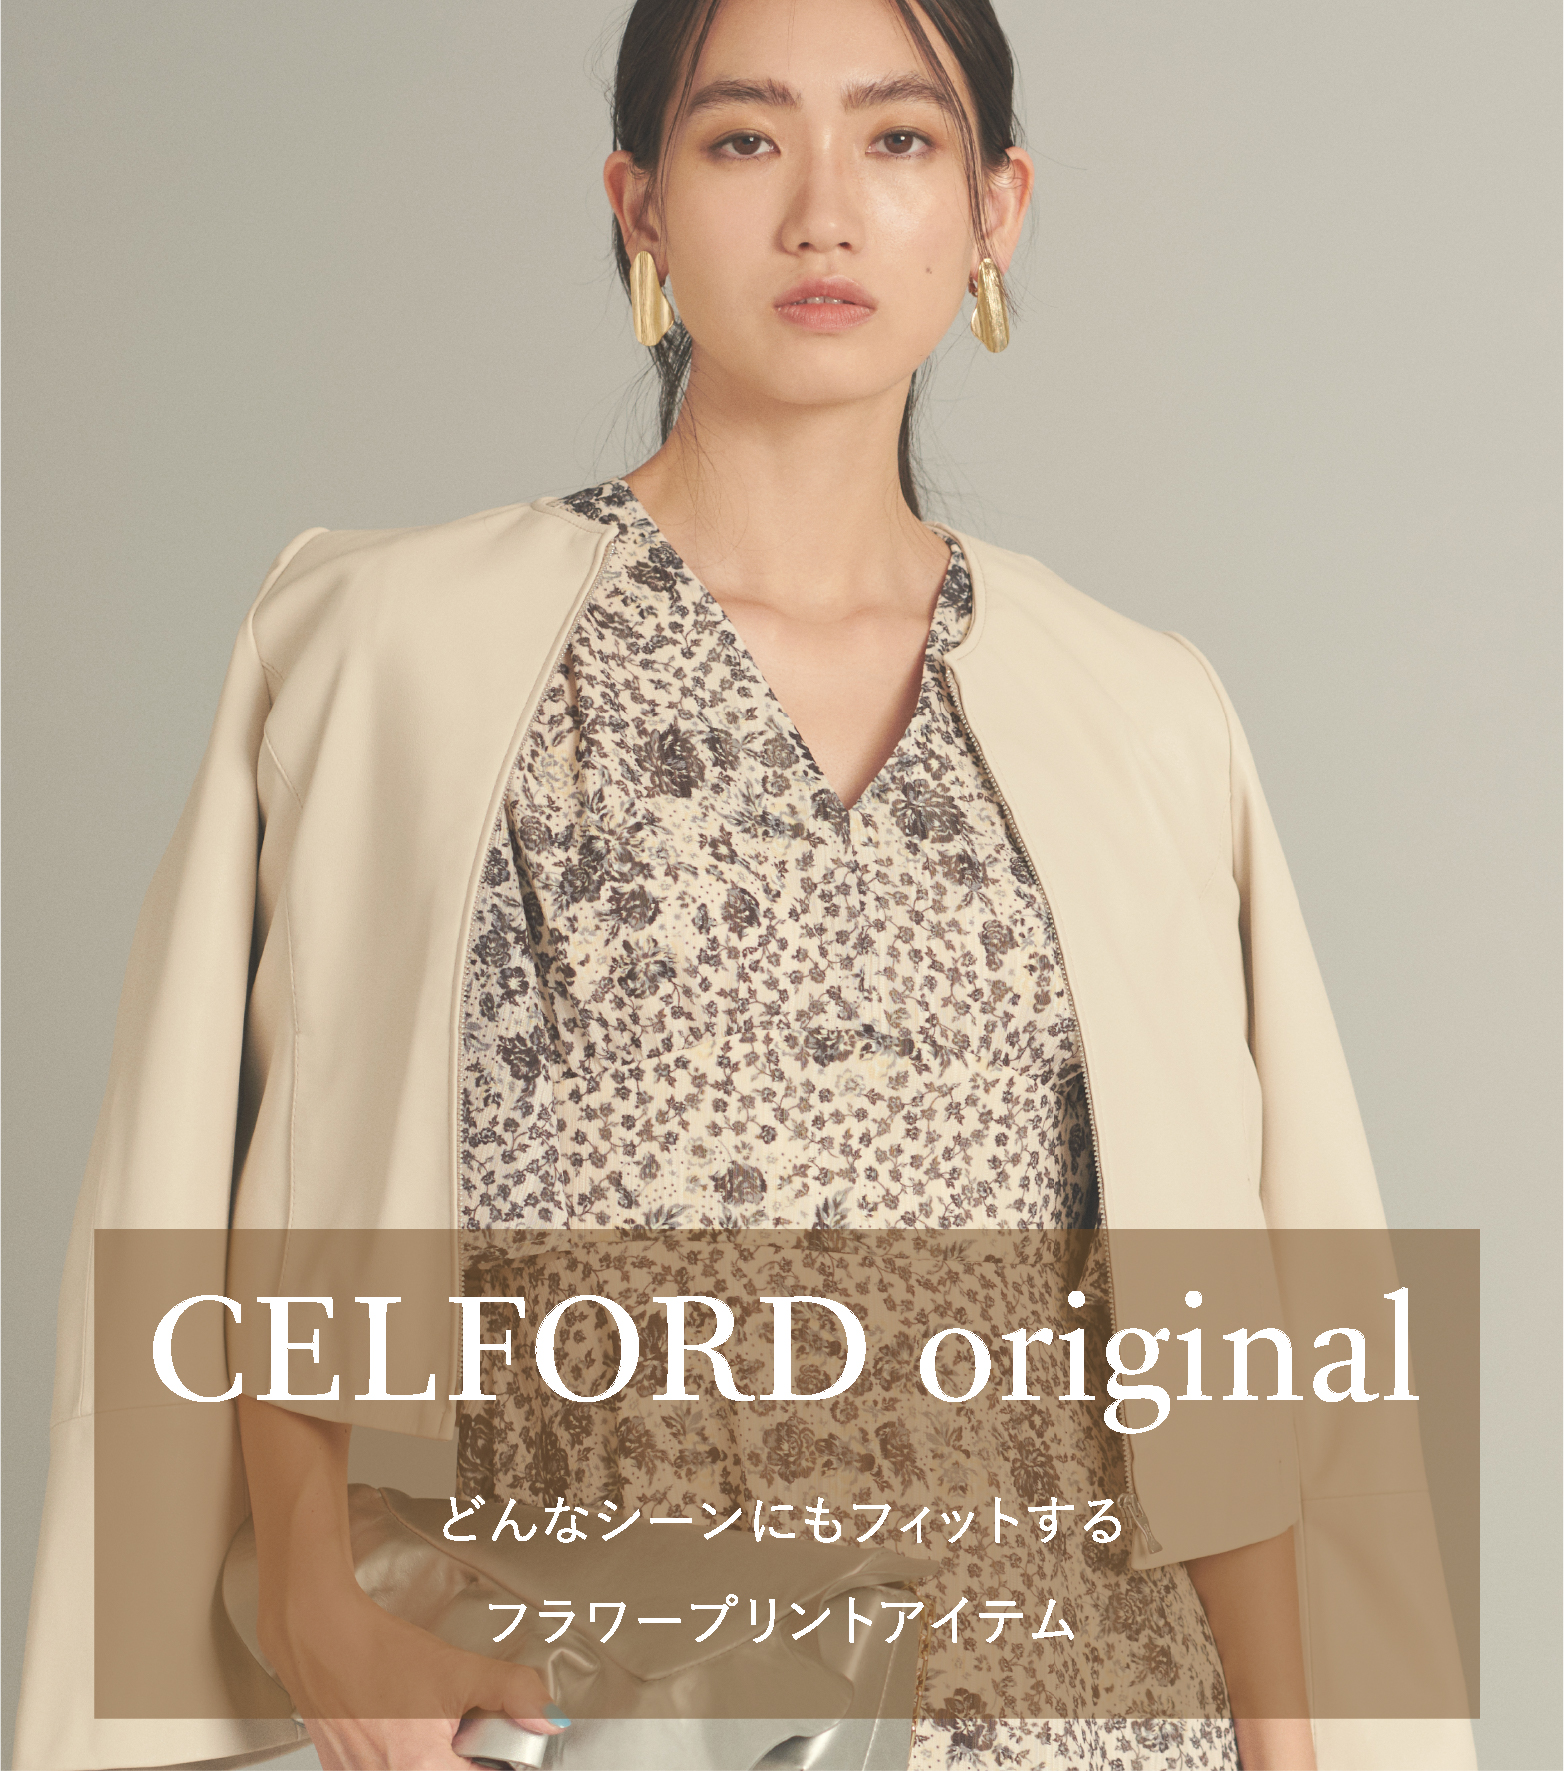 CELFORD original